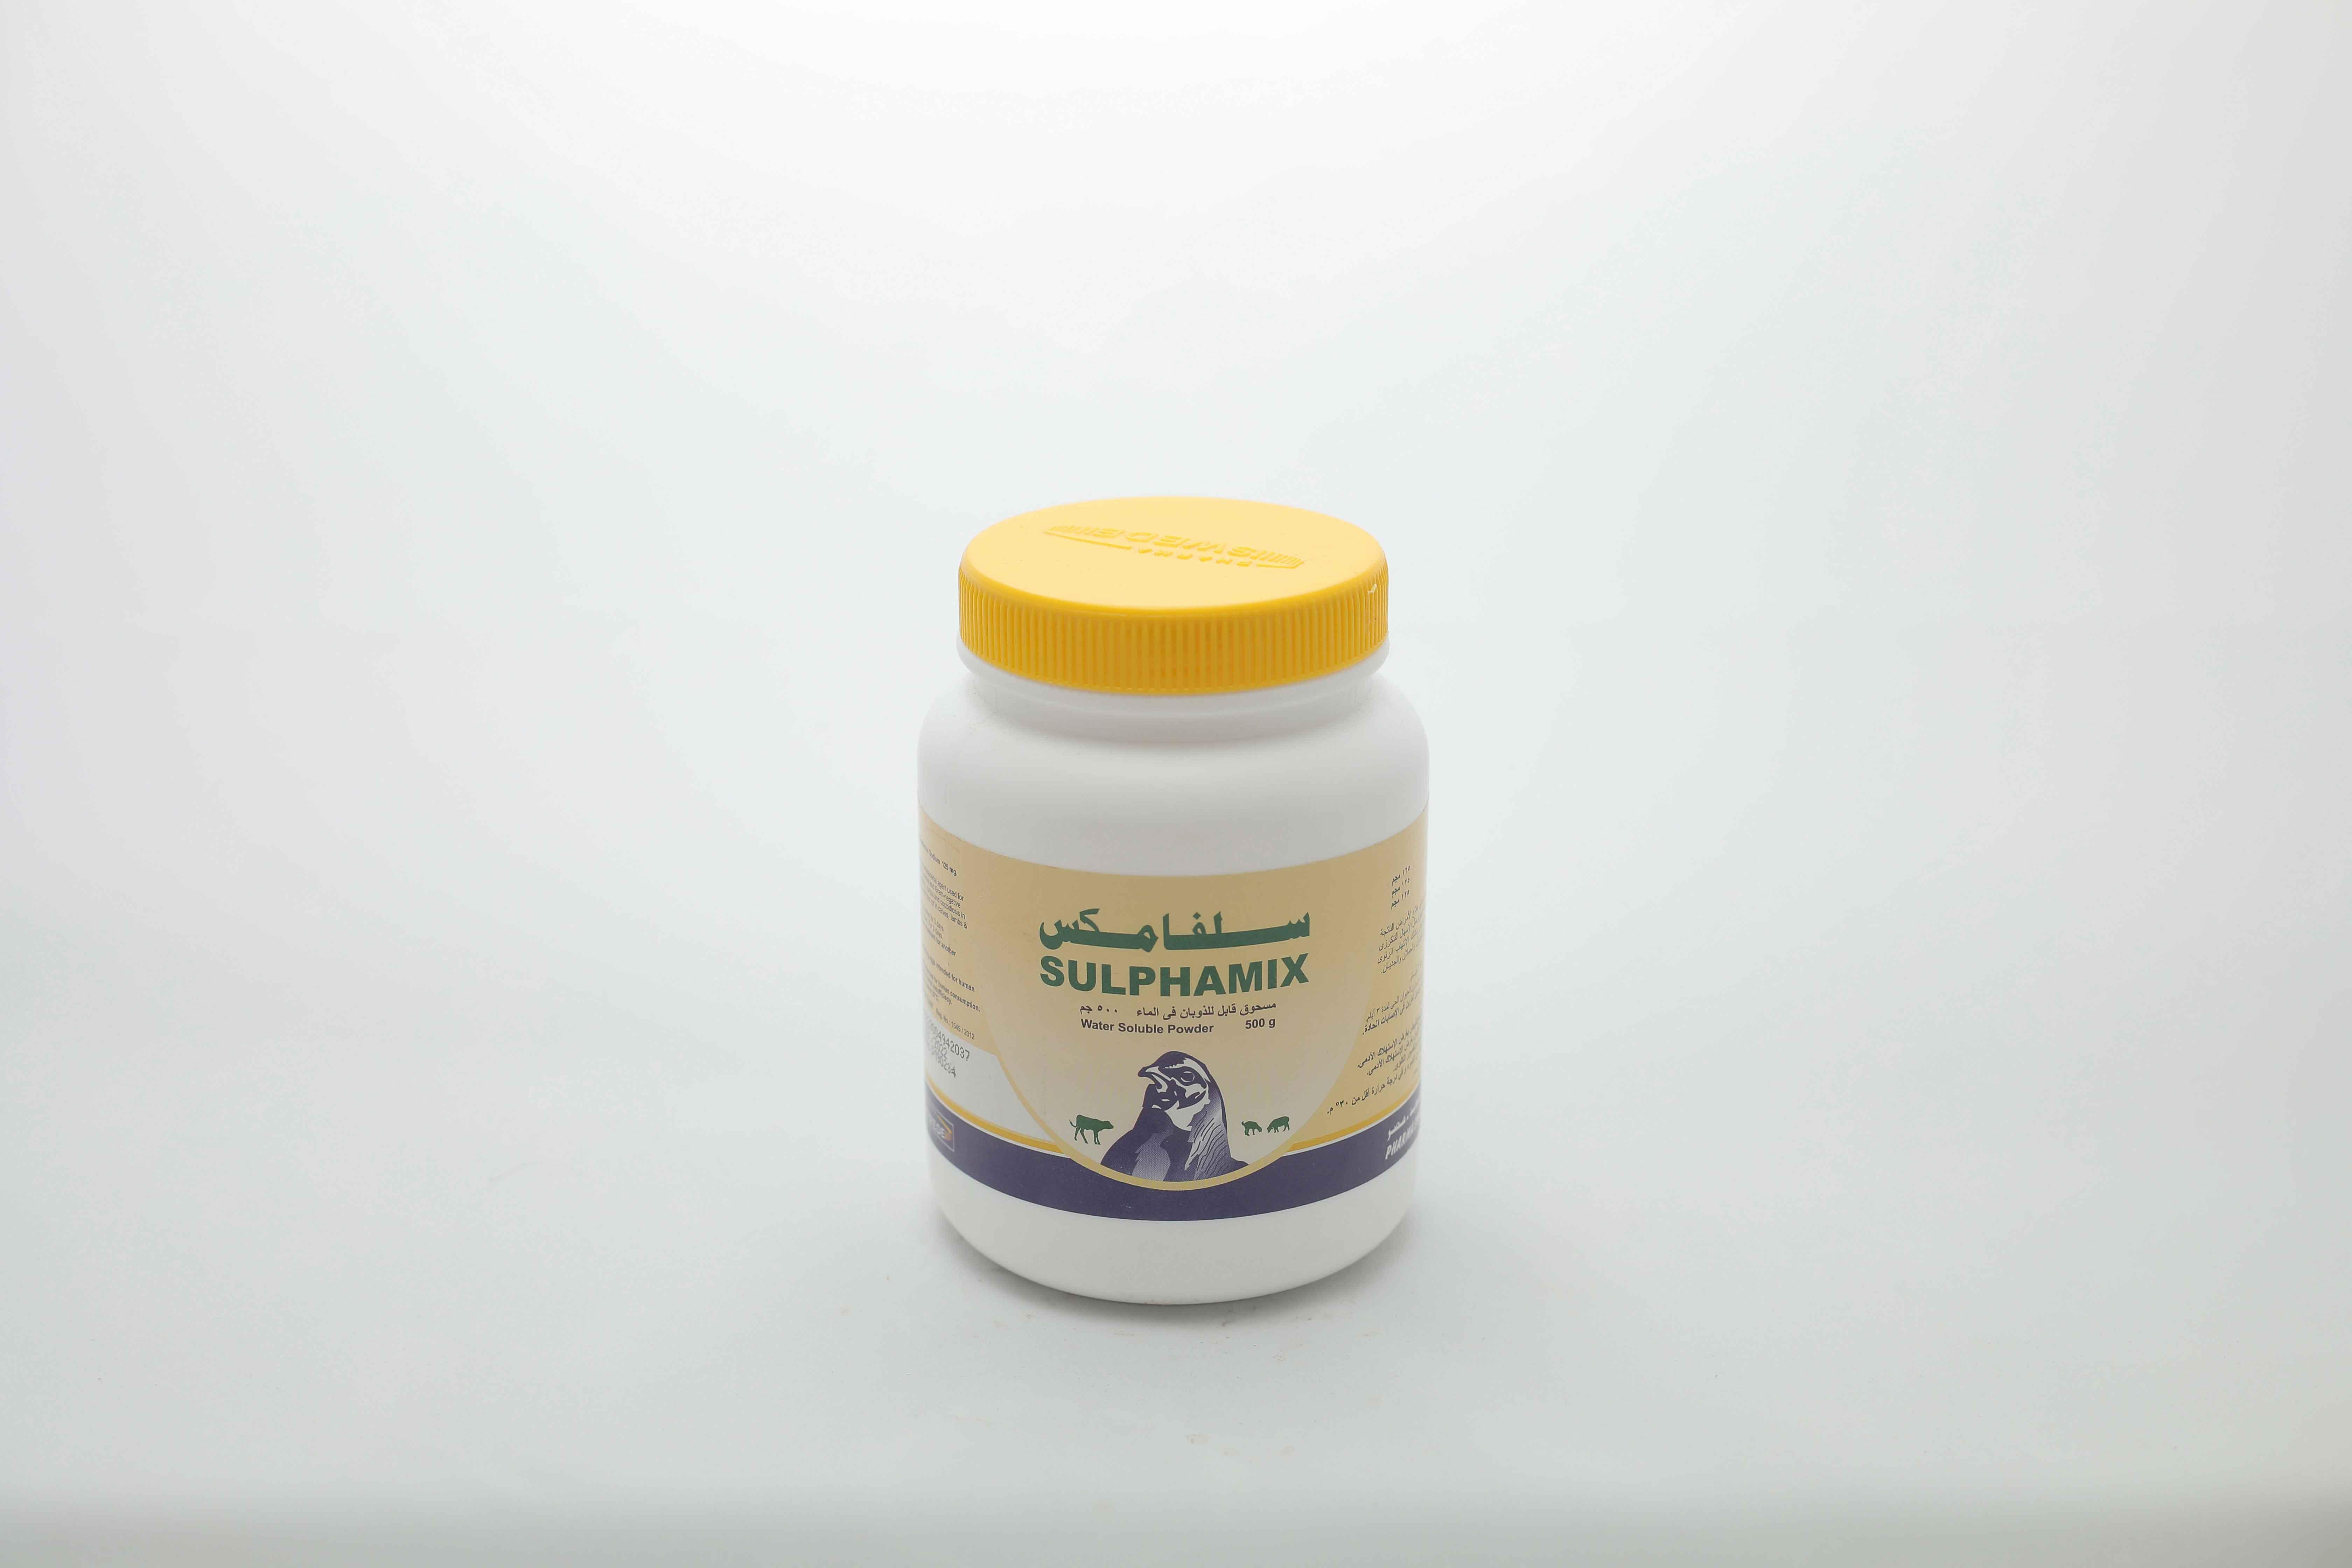 Sulphamix WSP